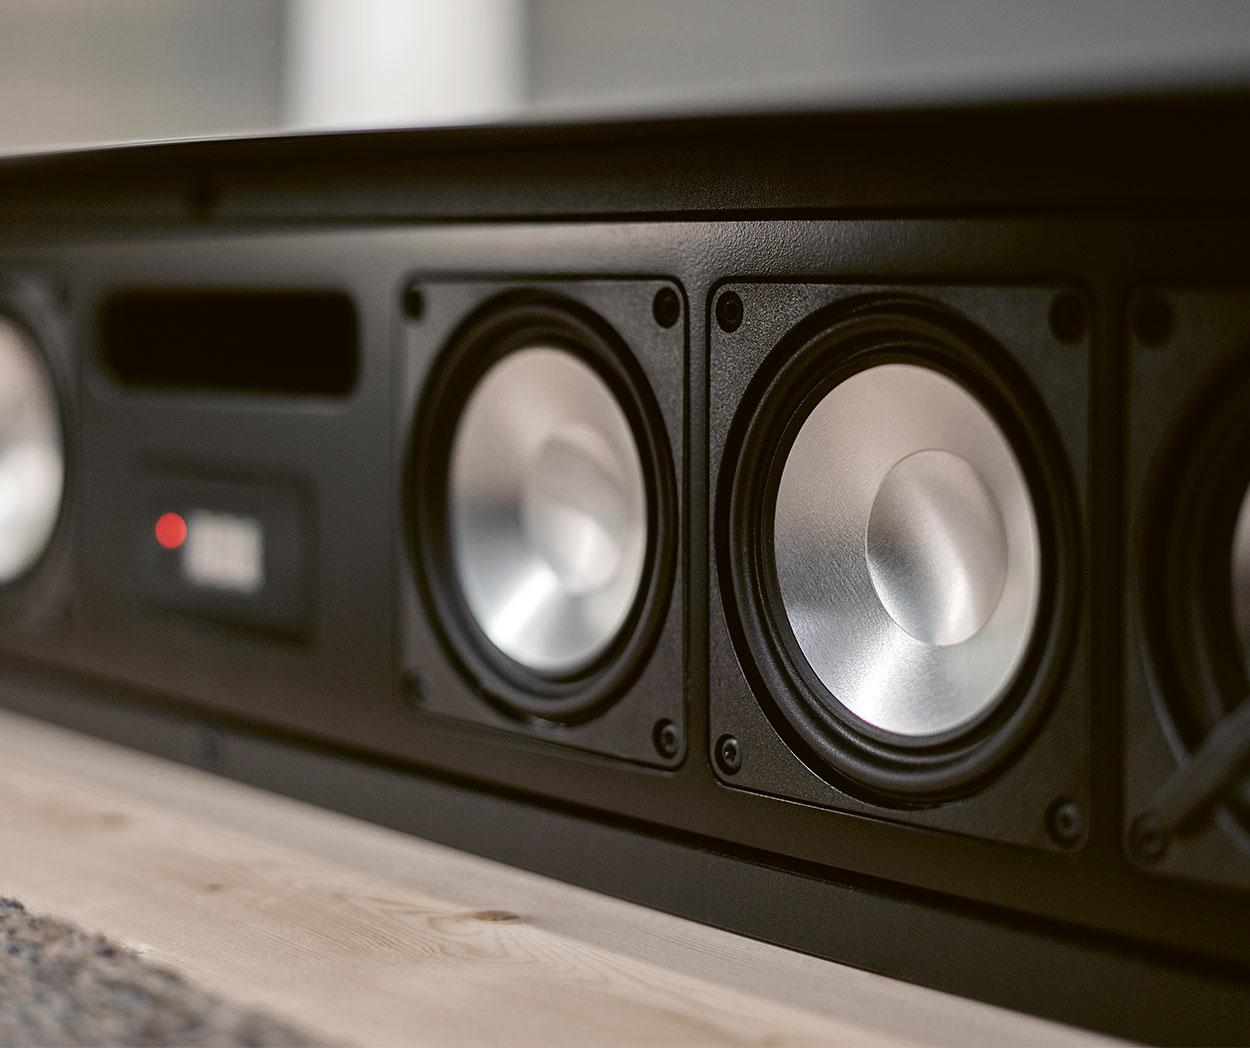 soundbar vra2 spectral